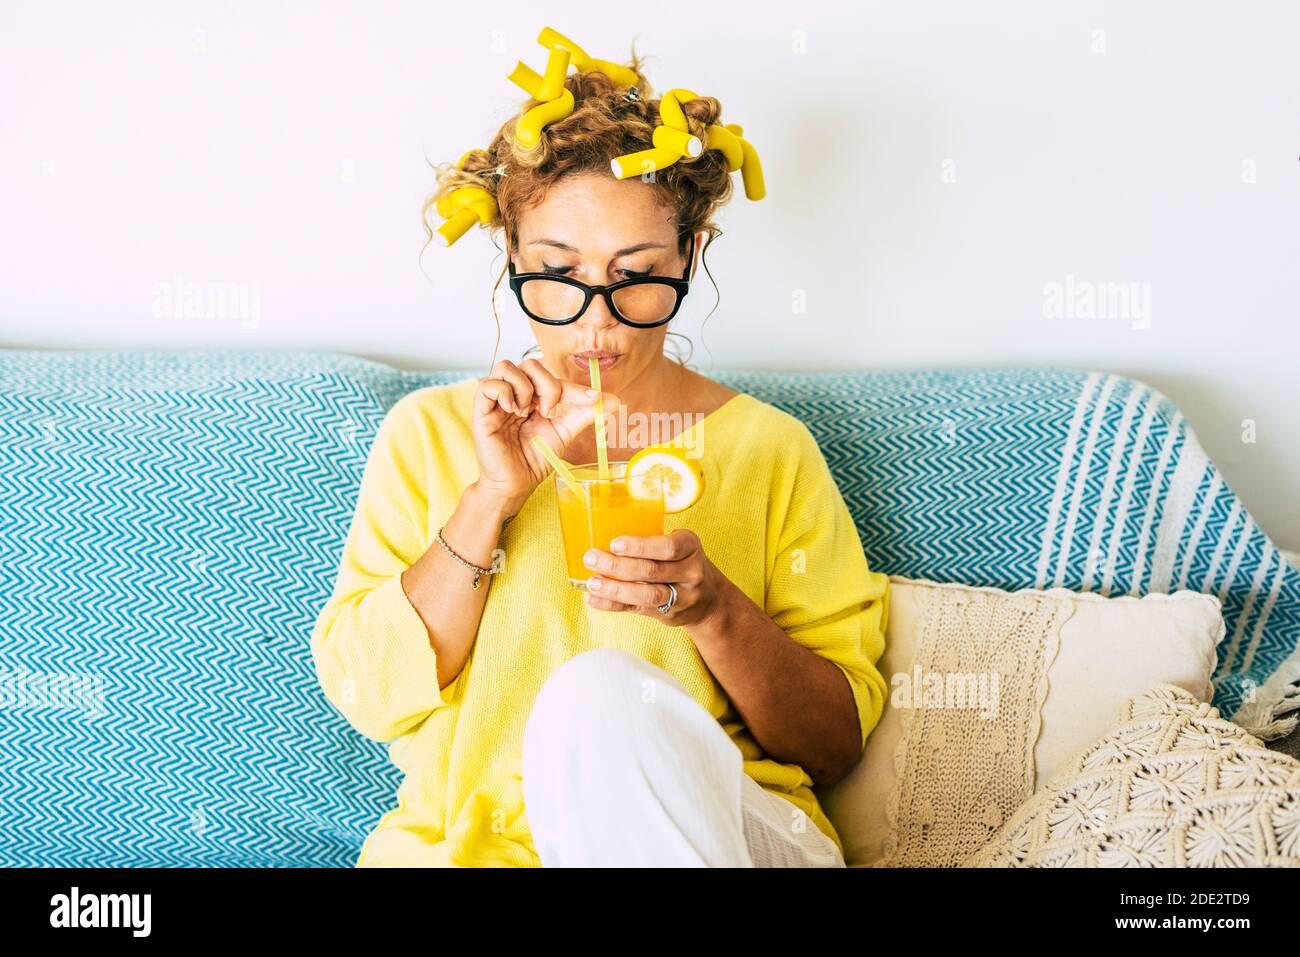 Portrait de couleur jaune de la belle femme de race blanche, jeune adulte, qui boit jus d'orange sain à la maison avec des curlers et un canapé bleu en arrière-plan - conce Banque D'Images